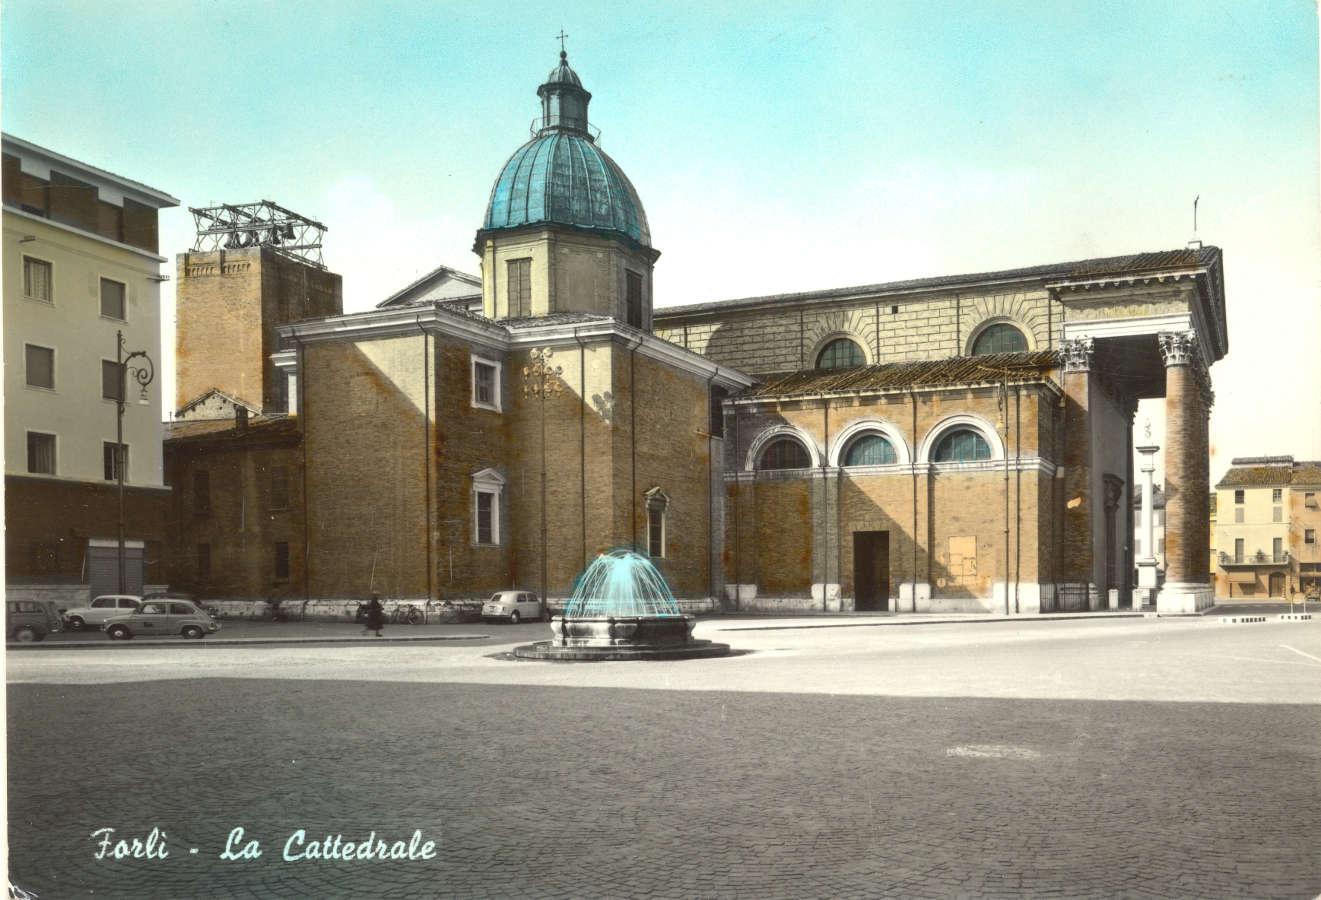 Il campanile del Duomo mozzato dalle mine posizionate dai nazisti durante la ritirata. E' visibile un traliccio provvisorio allestito per il funzionamento delle campane. Cartolina illustrata spedita nei primi anni '60. Raccolta privata.